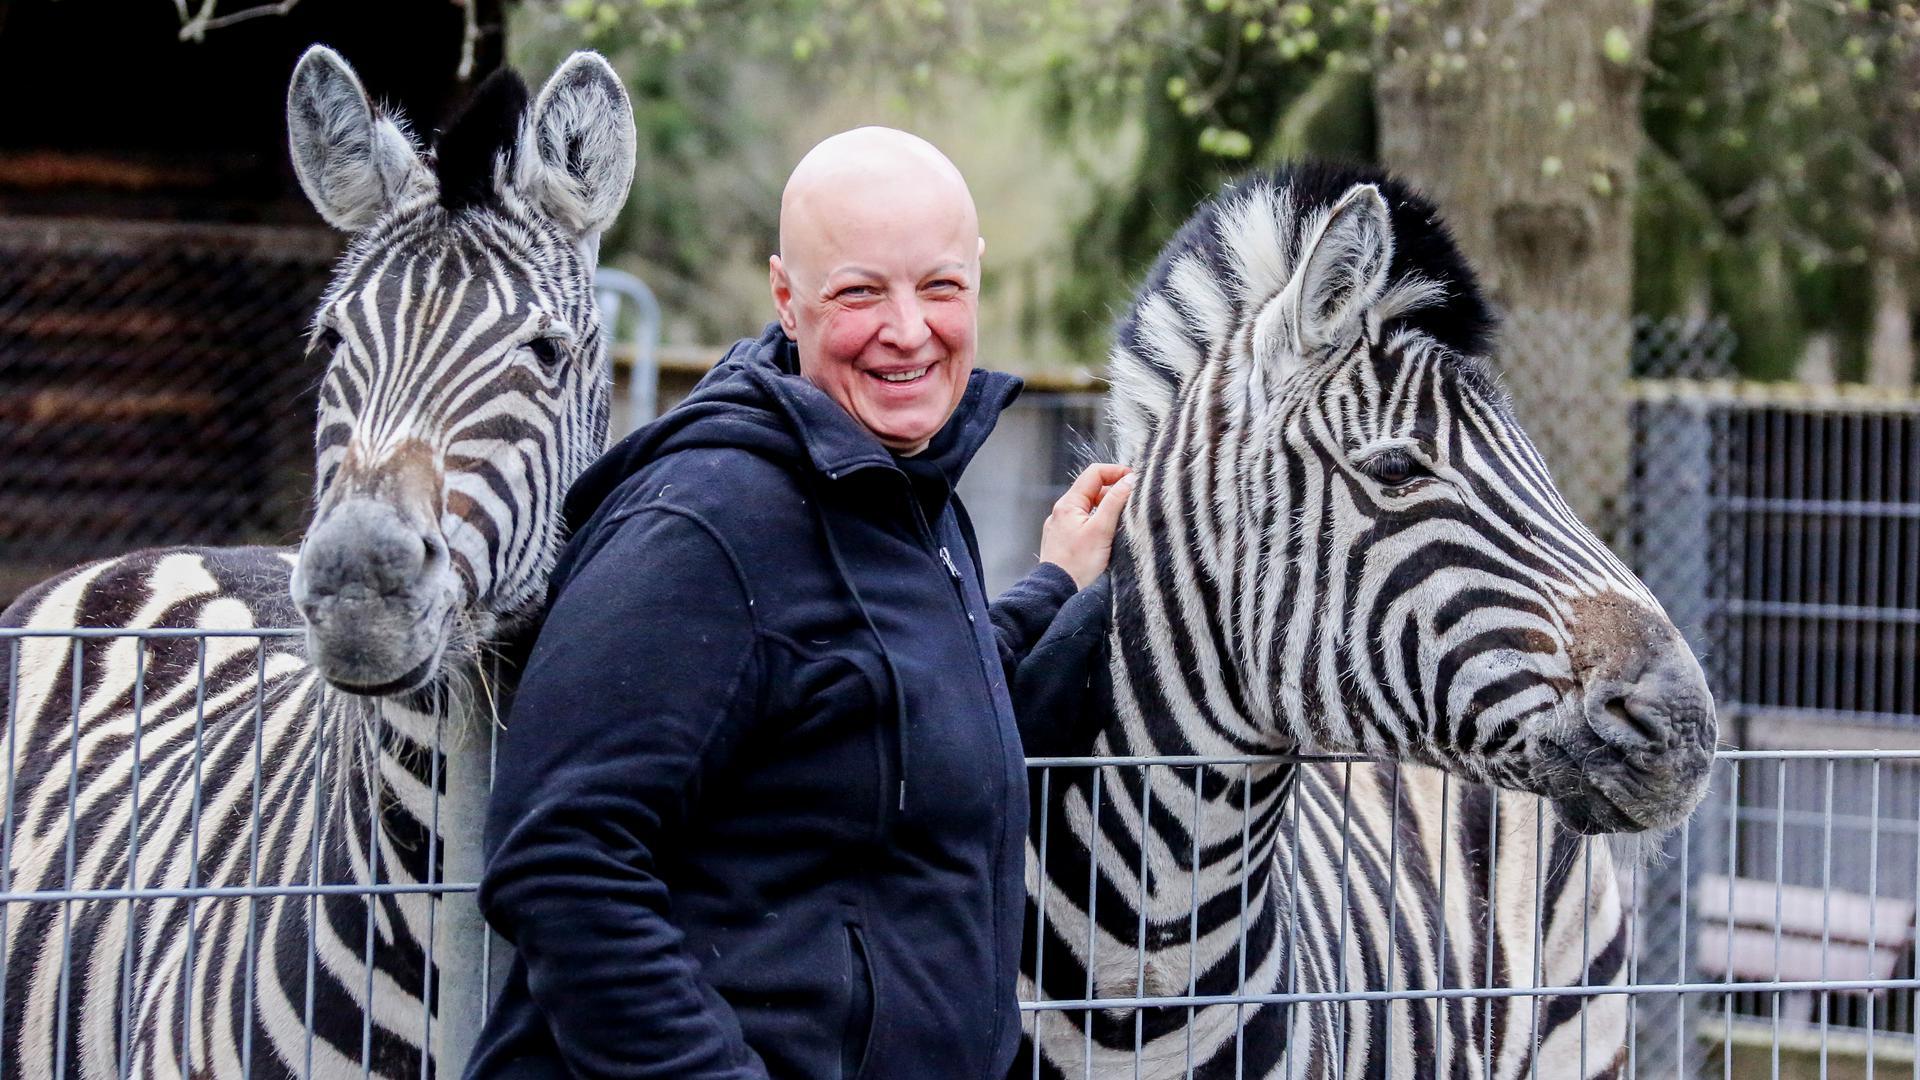 Tierpark-Chefin Annika Willig streichelt zwei Zebras.